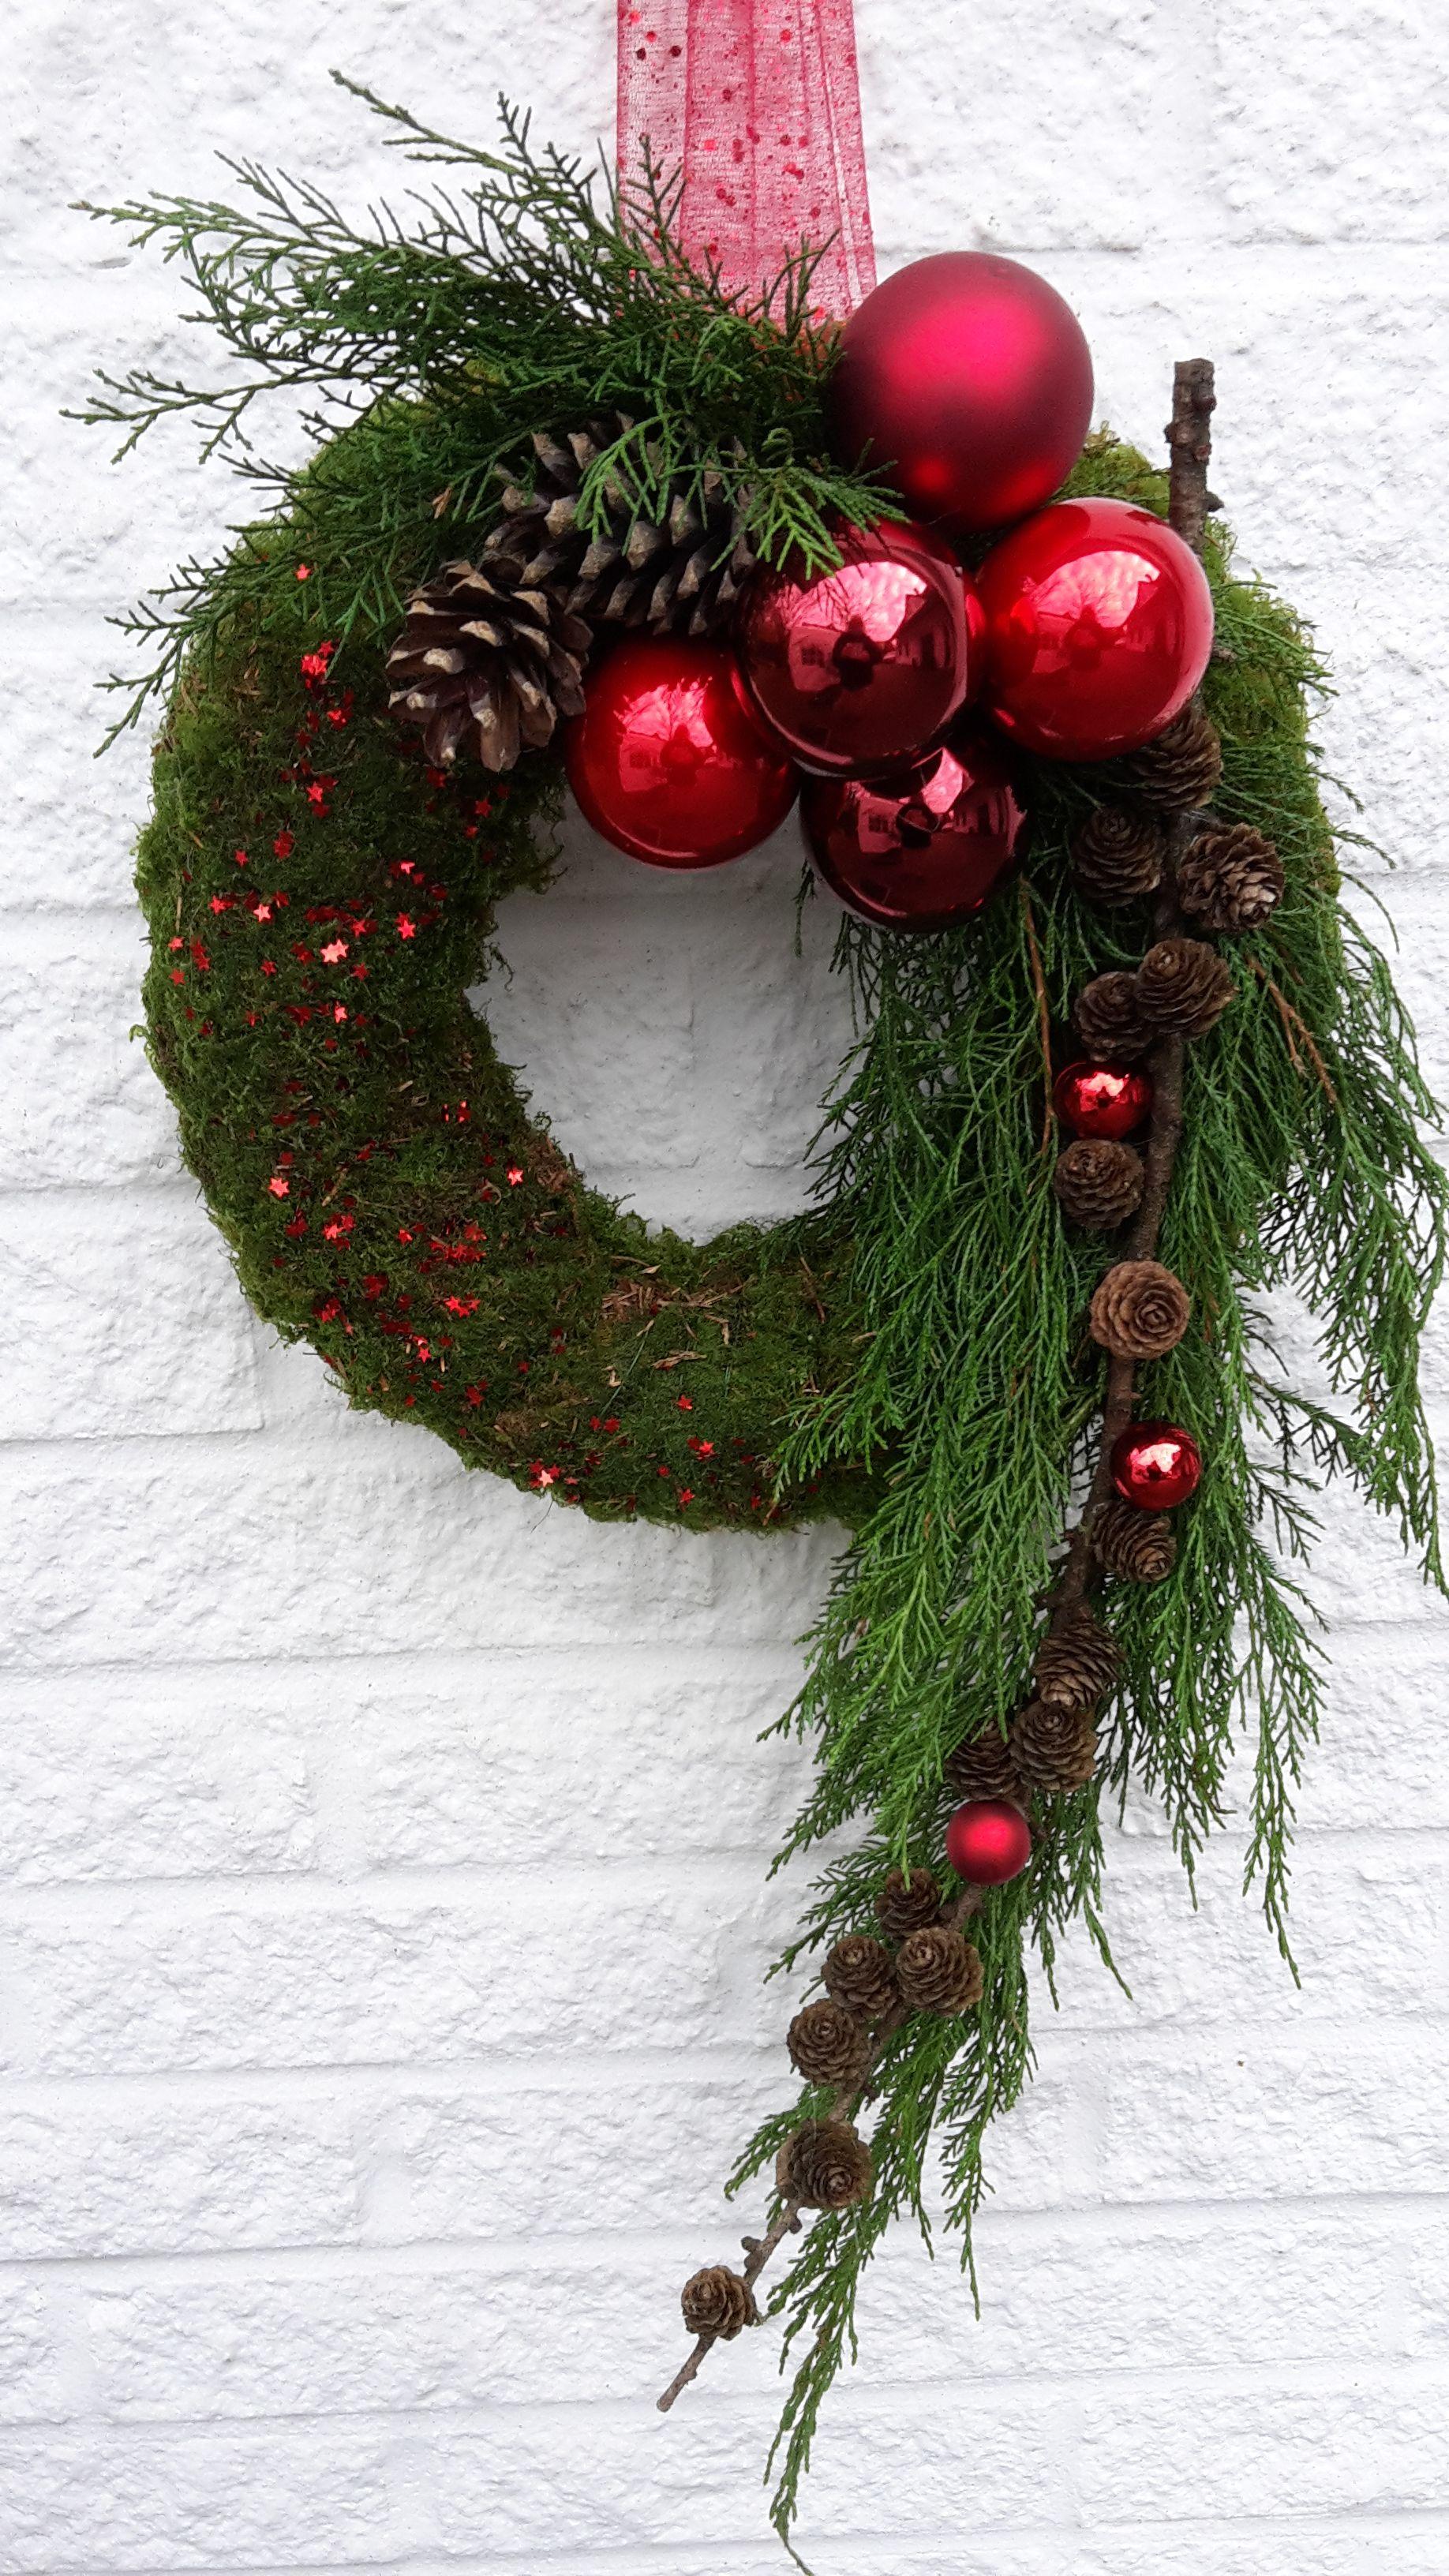 Christbaumkugeln Außenbereich.Türschmuck Für Die Adventszeit Haustür Weihnachten